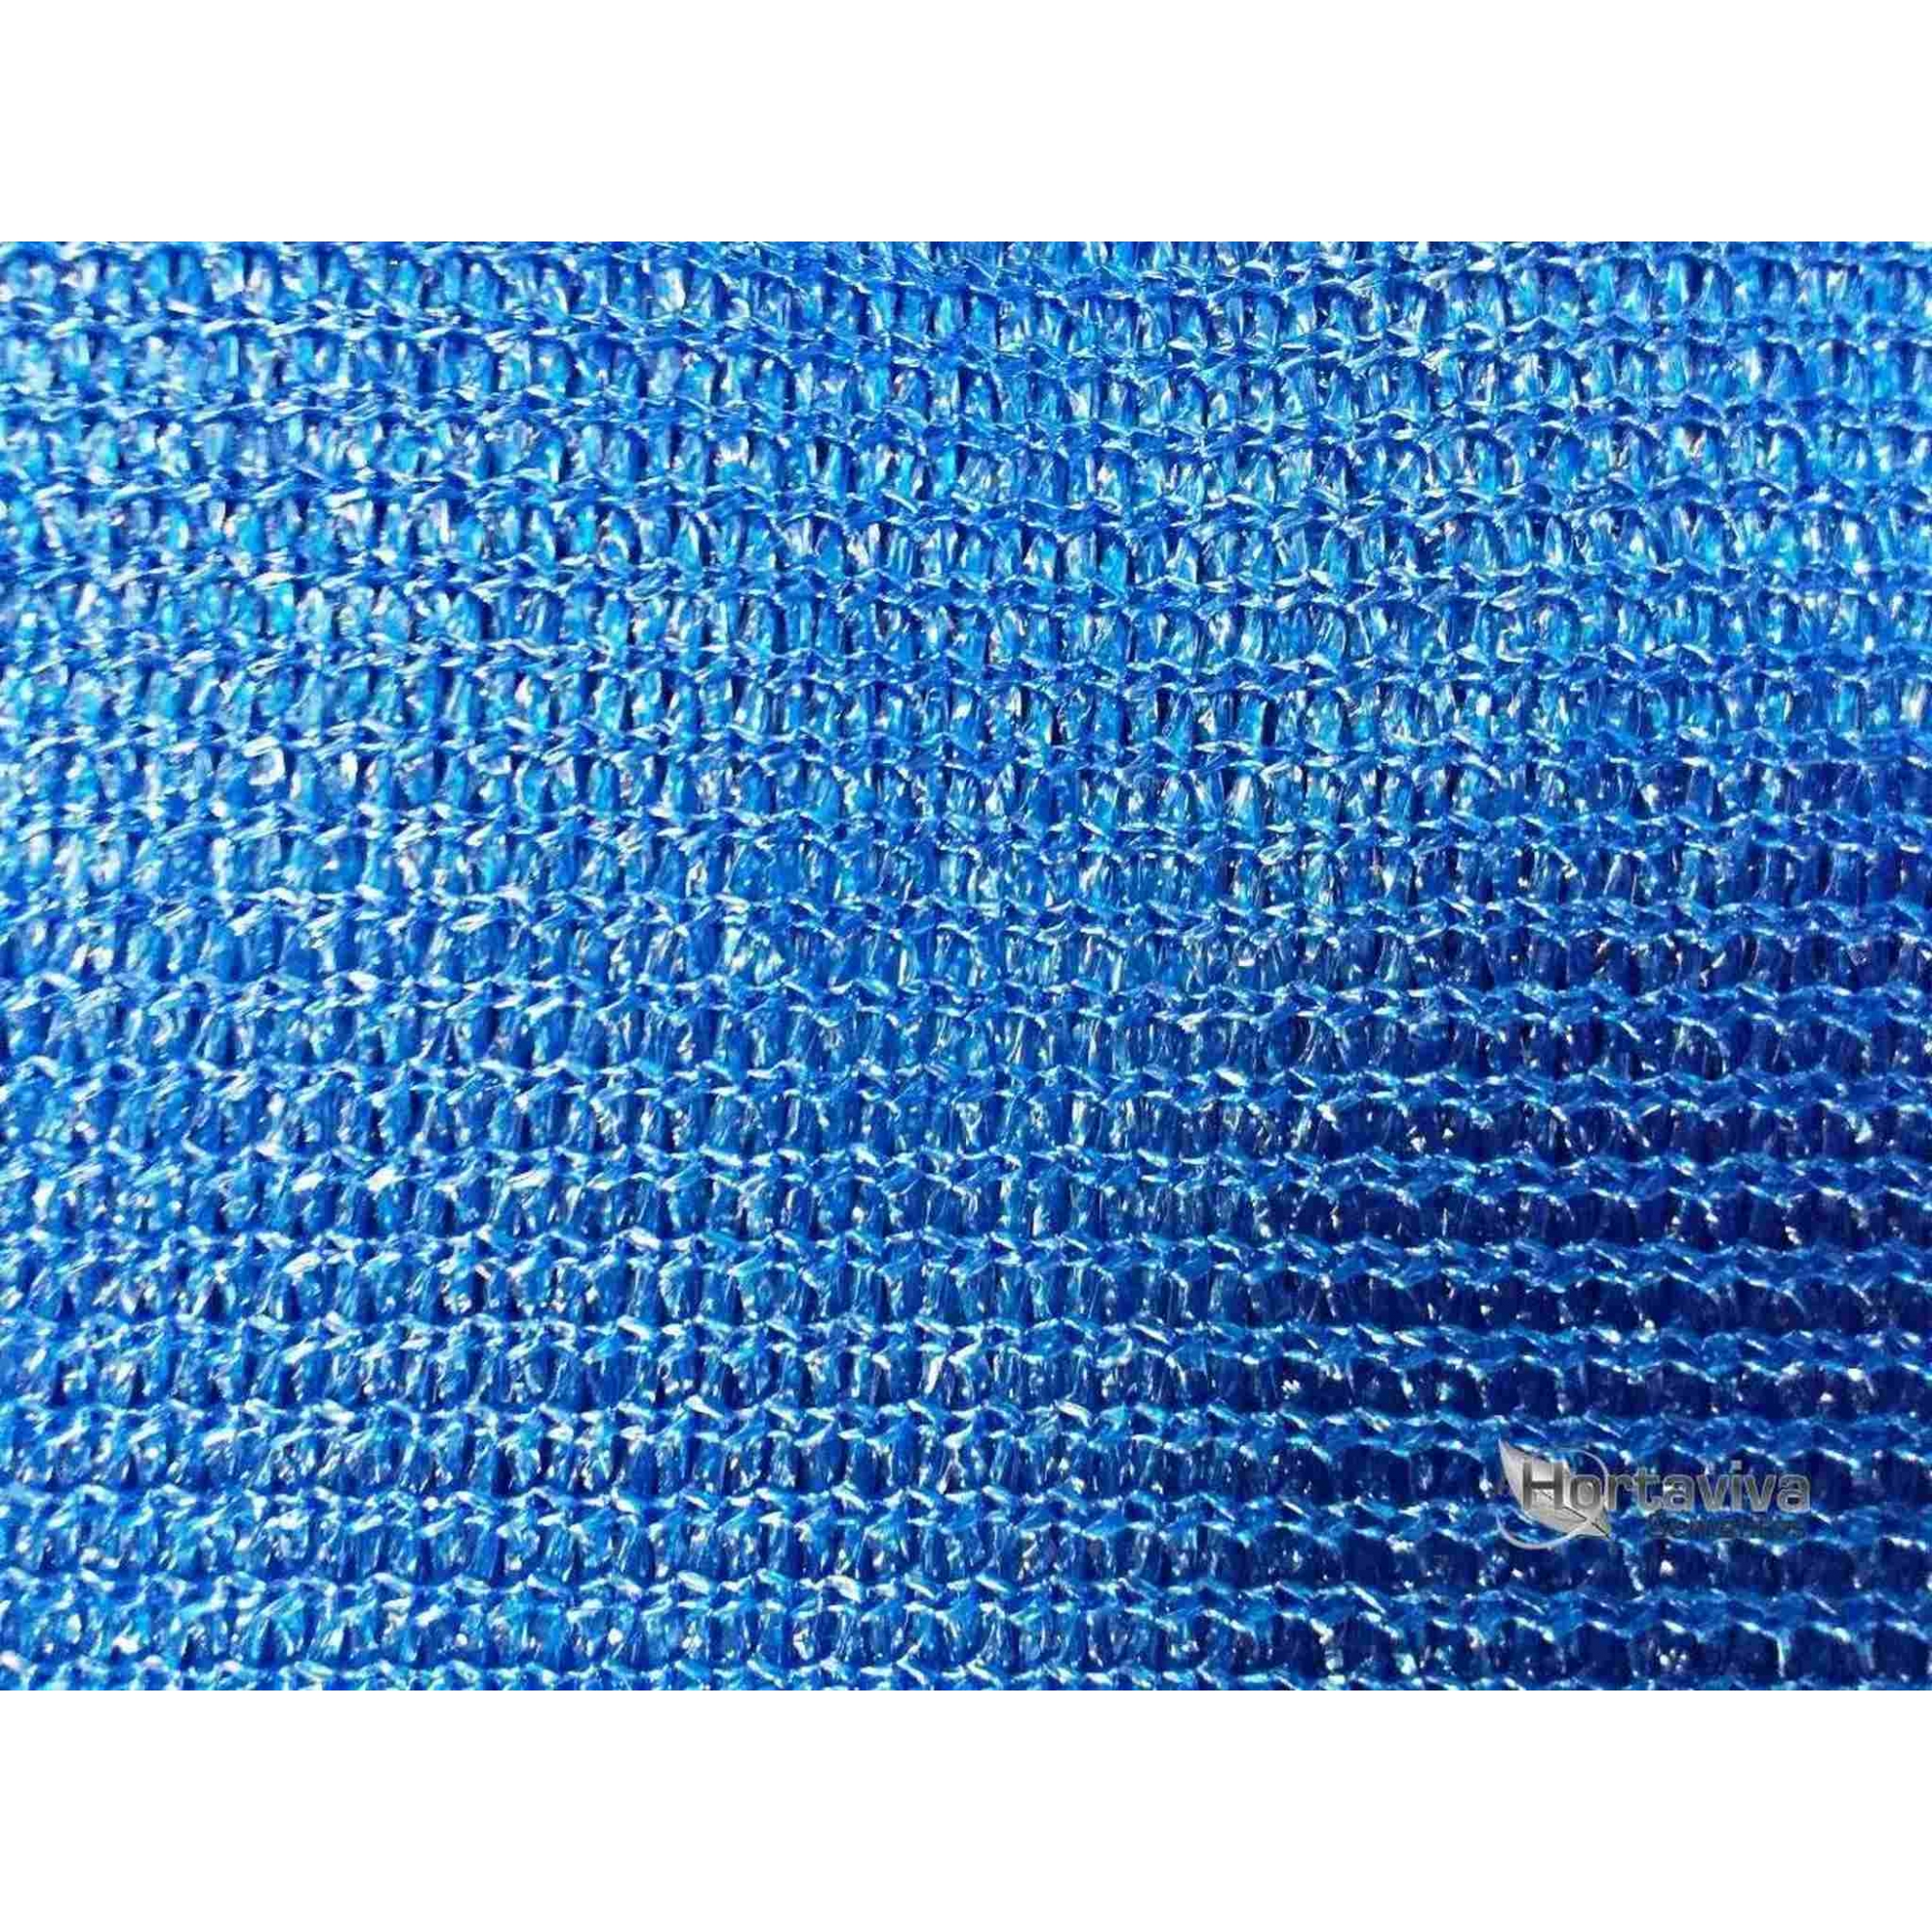 Tela De Sombreamento Decorativa Azul 90% - 5,2 Metros X 15 Metros